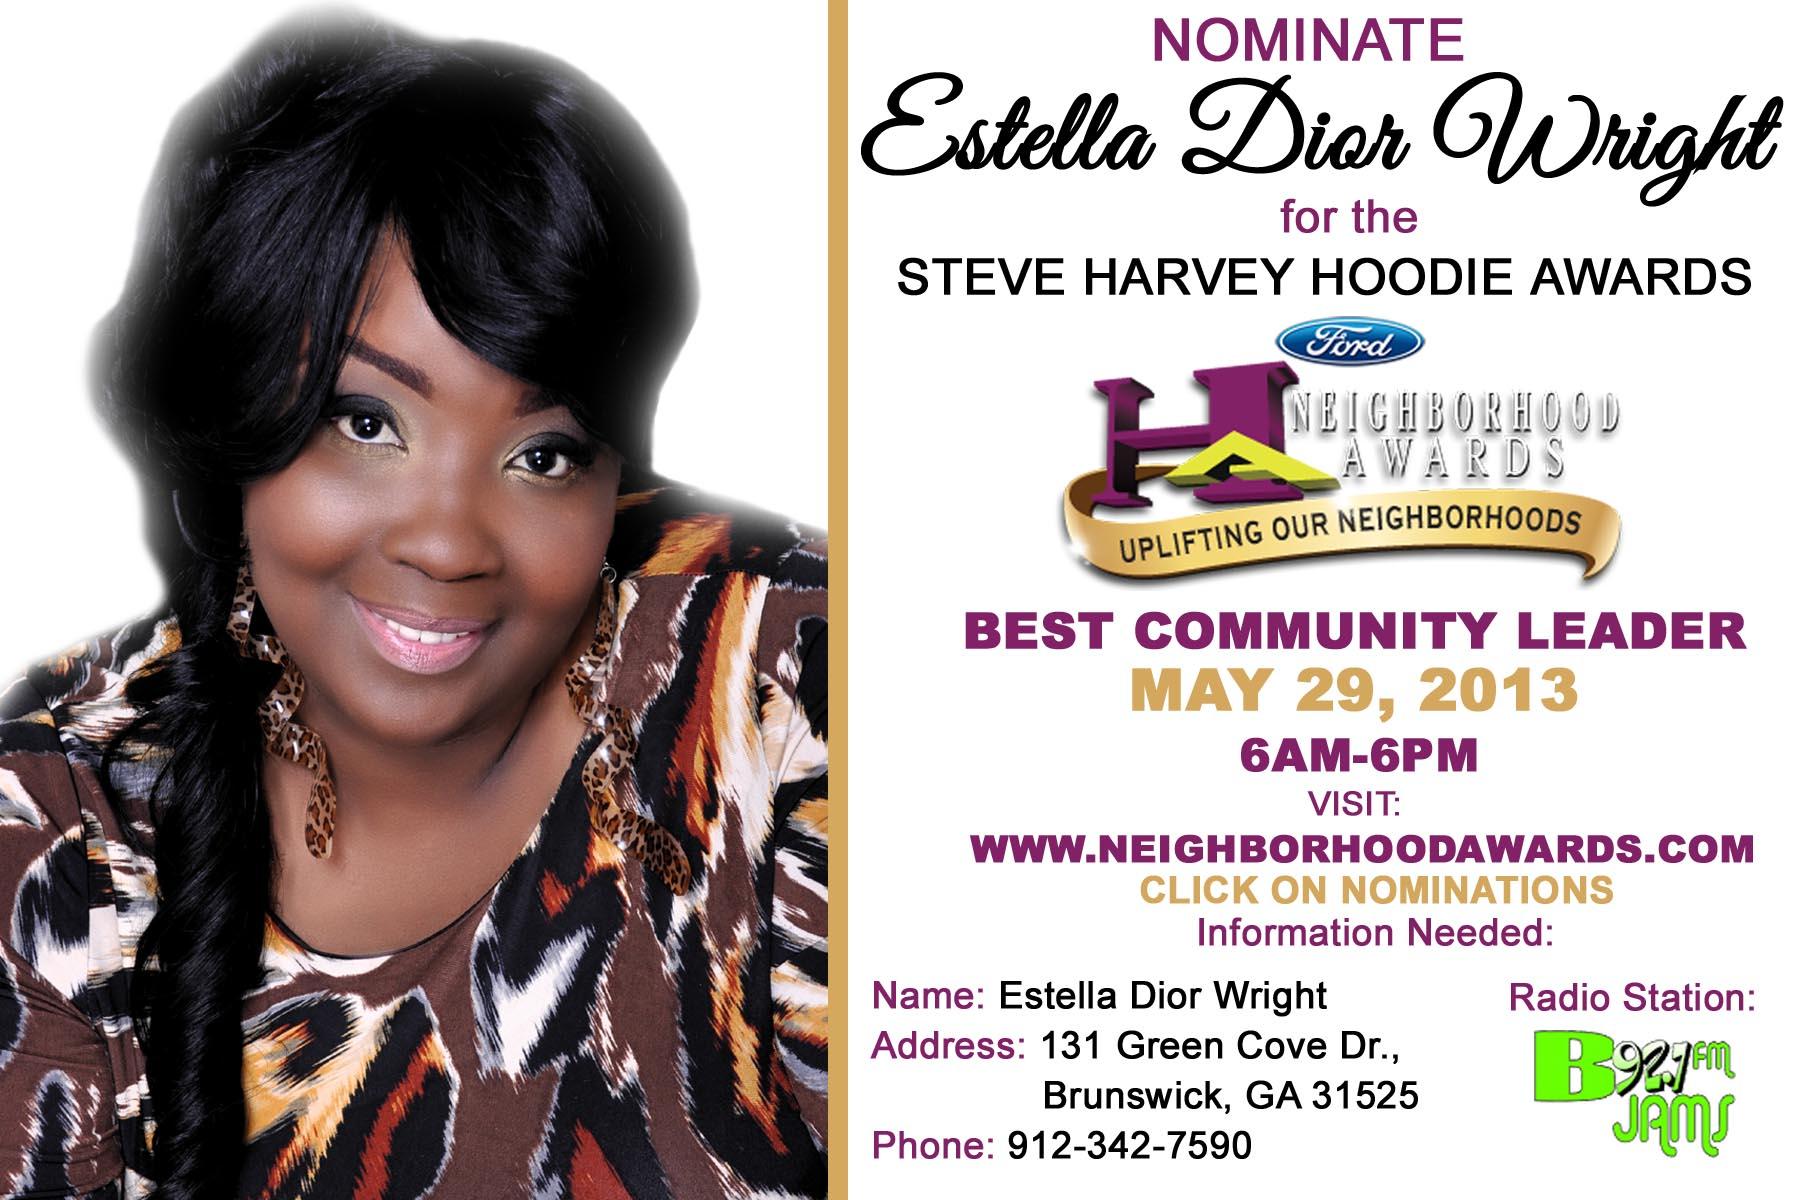 Steve Harvey Hoodie Awards